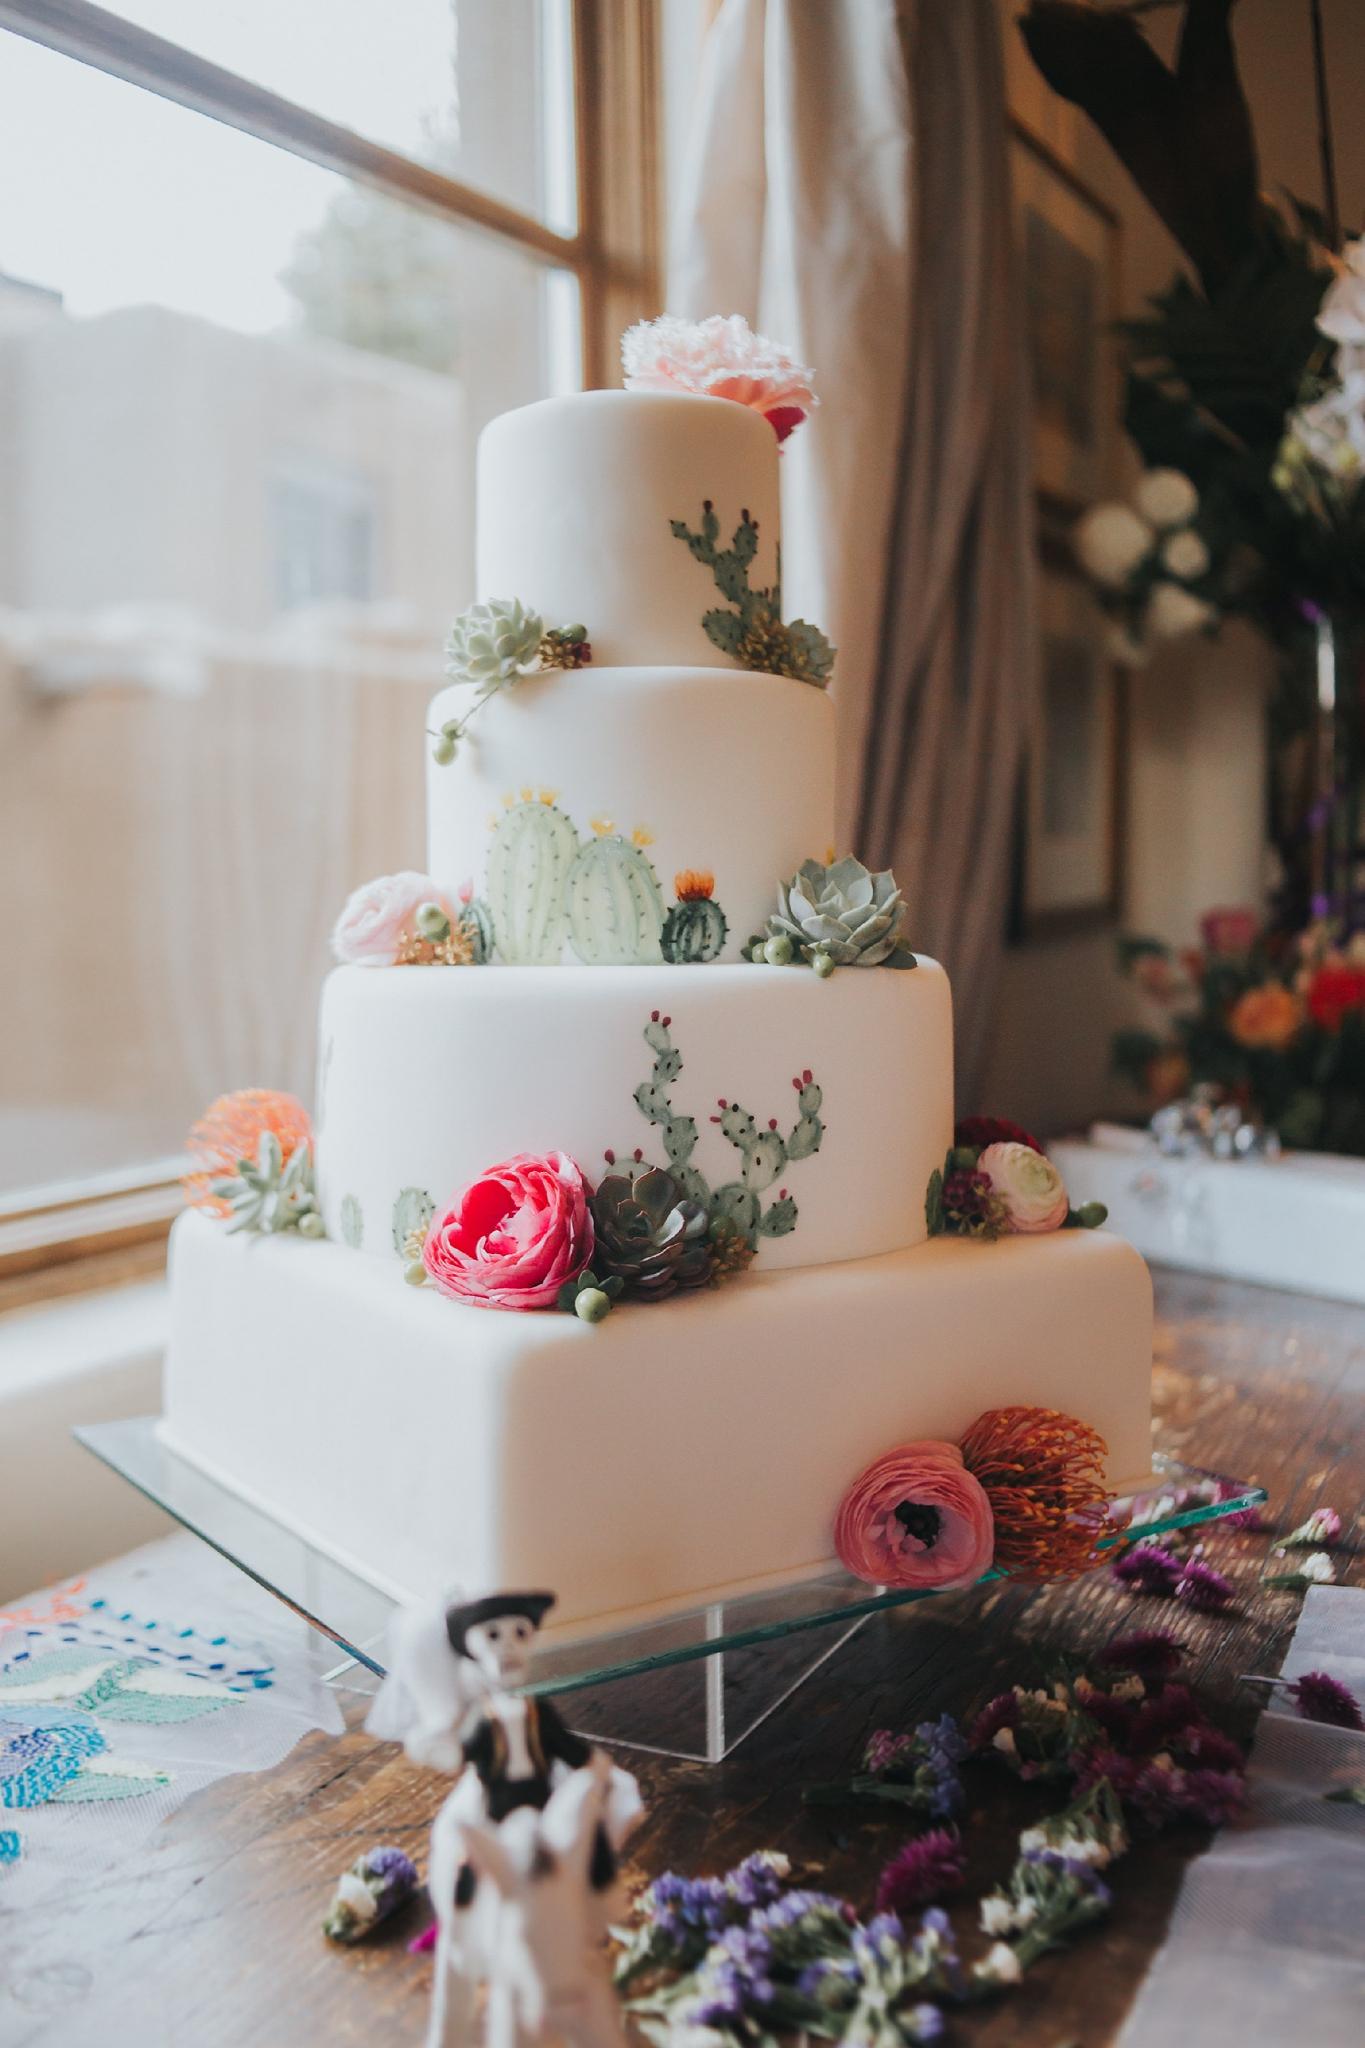 Alicia+lucia+photography+-+albuquerque+wedding+photographer+-+santa+fe+wedding+photography+-+new+mexico+wedding+photographer+-+new+mexico+wedding+-+new+mexico+wedding+-+wedding+florals+-+desert+wedding+-+wedding+trends_0072.jpg